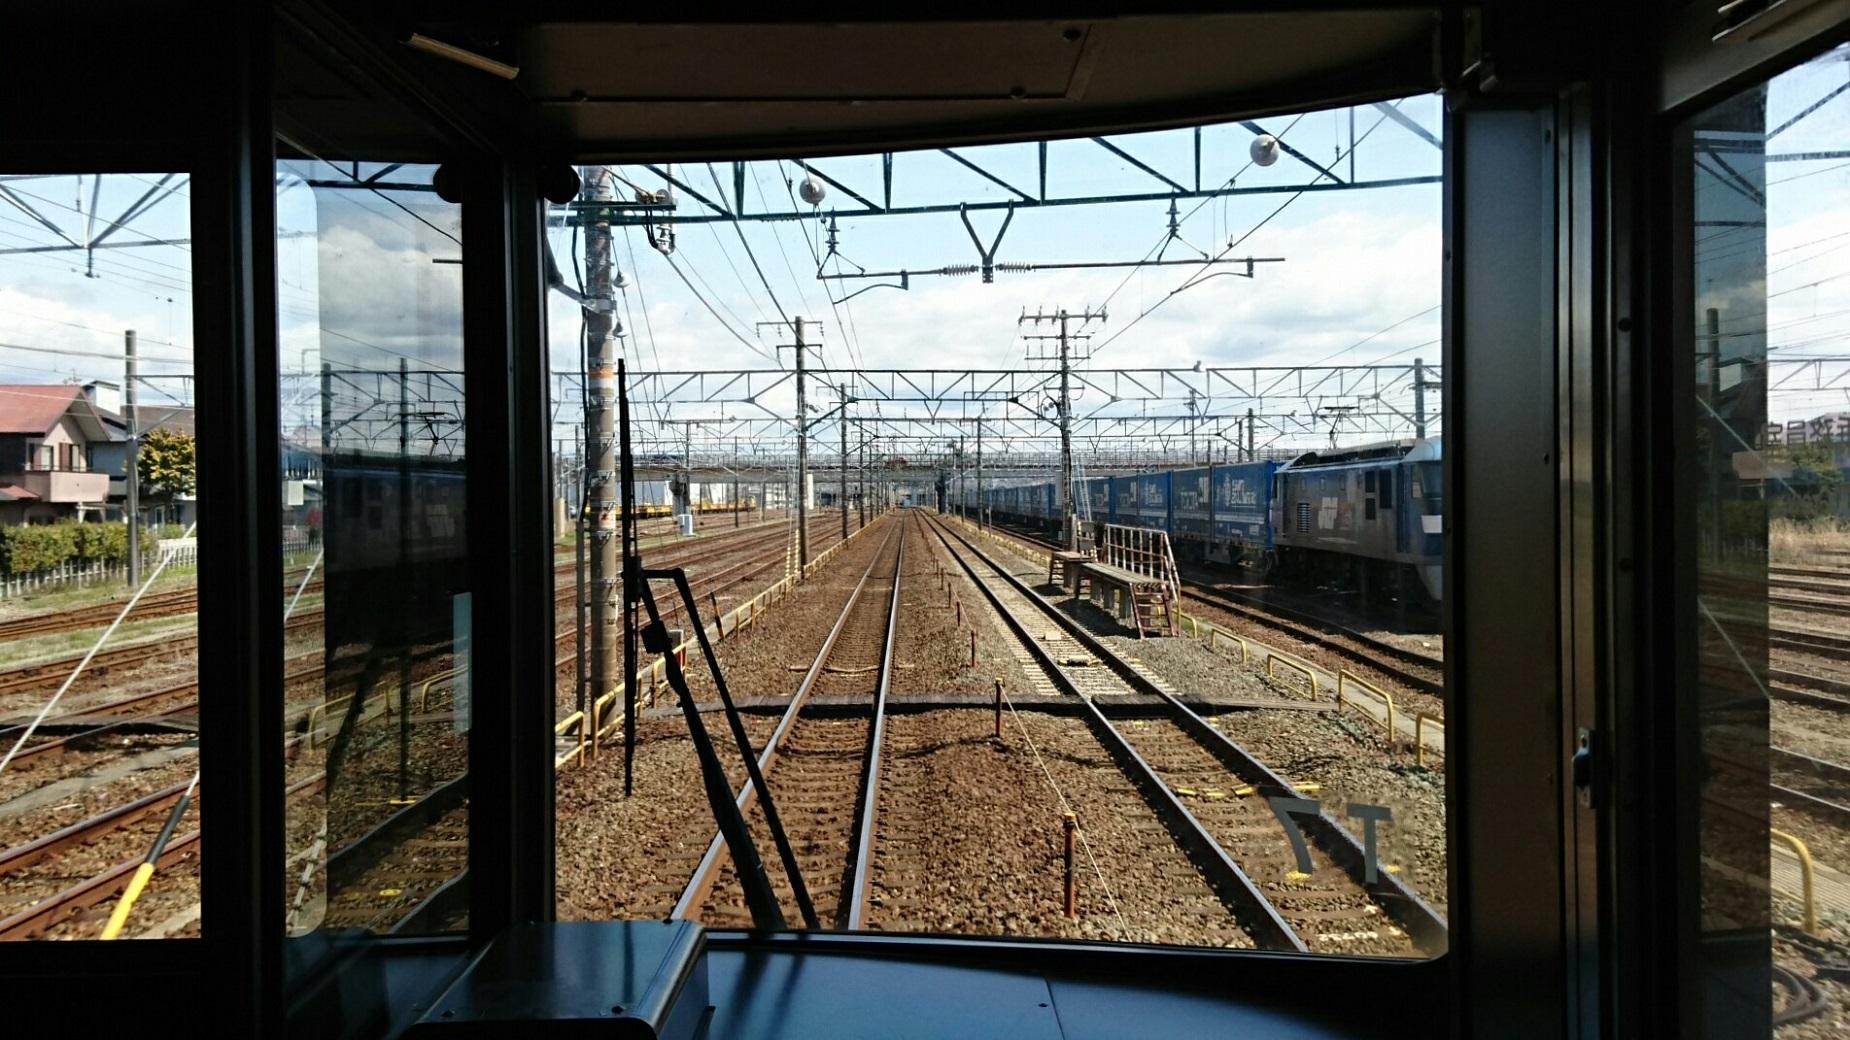 2018.3.23 東海道線 (54) 掛川いきふつう - 高塚-浜松間 1850-1040